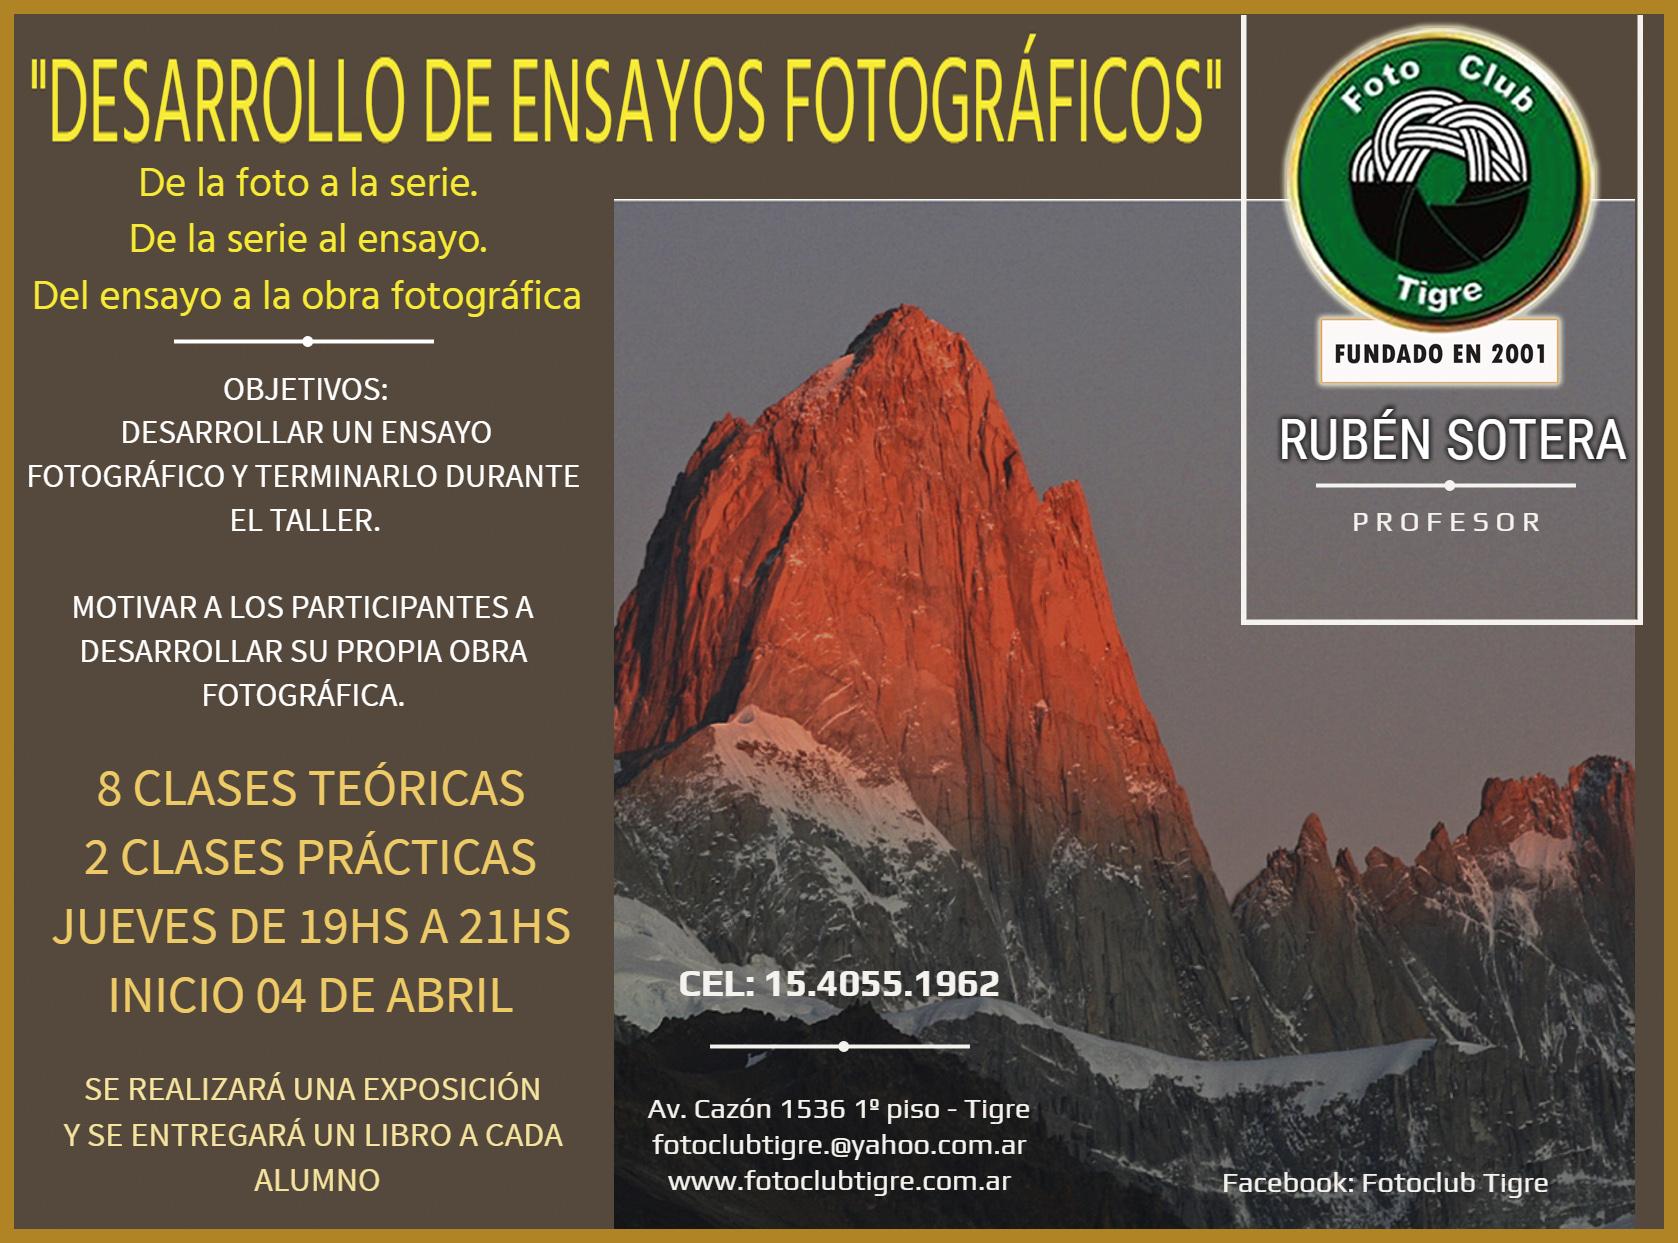 Taller: Desarrollo de ensayos fotográficos – Rúben Sotera